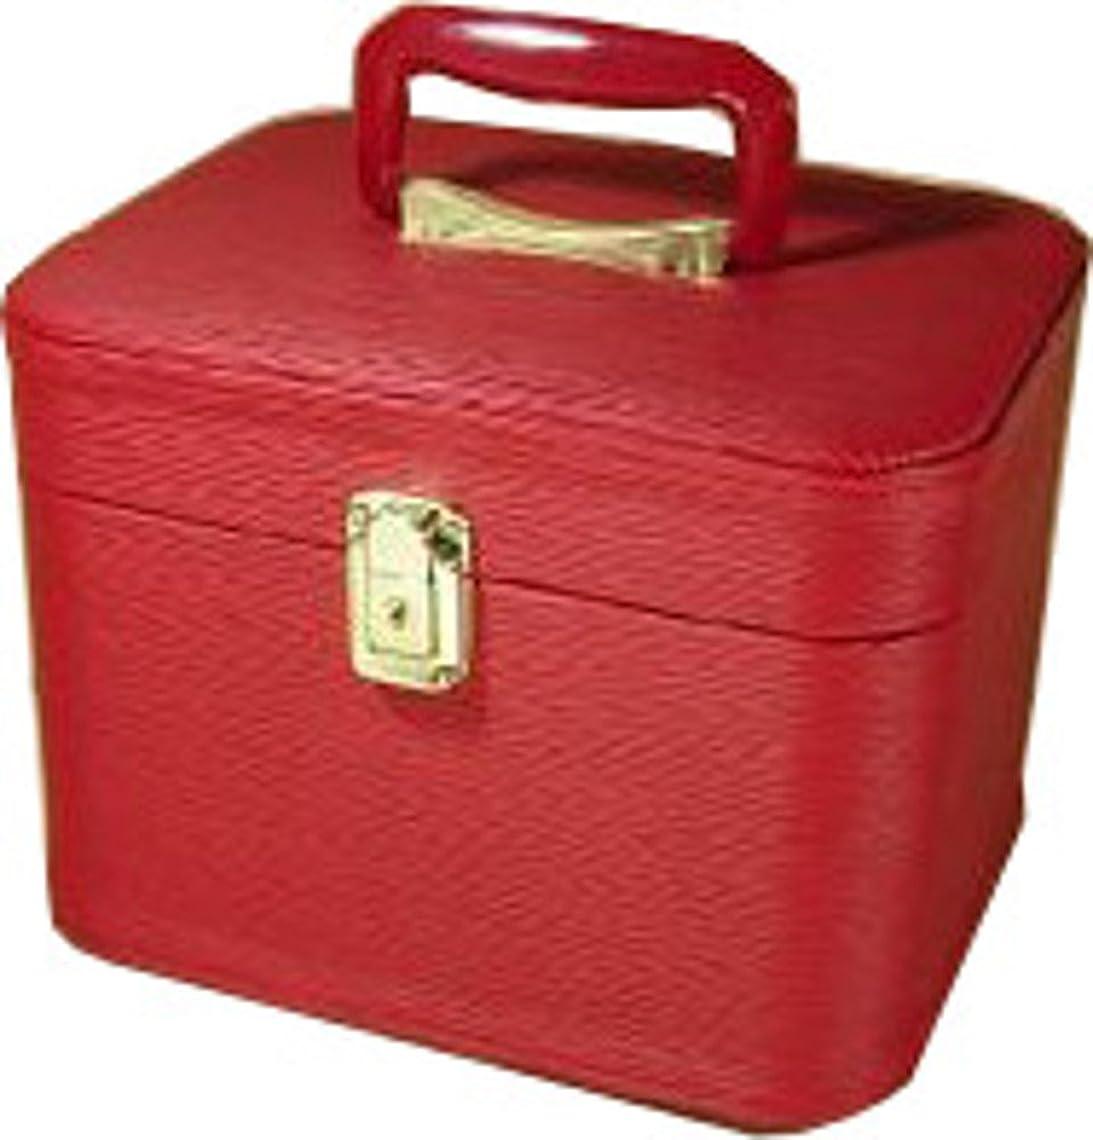 骨旅クローゼット水シボ26cmヨコレッドお化粧入れ メイクボックス,メイクケース,トレンチケース,化粧箱